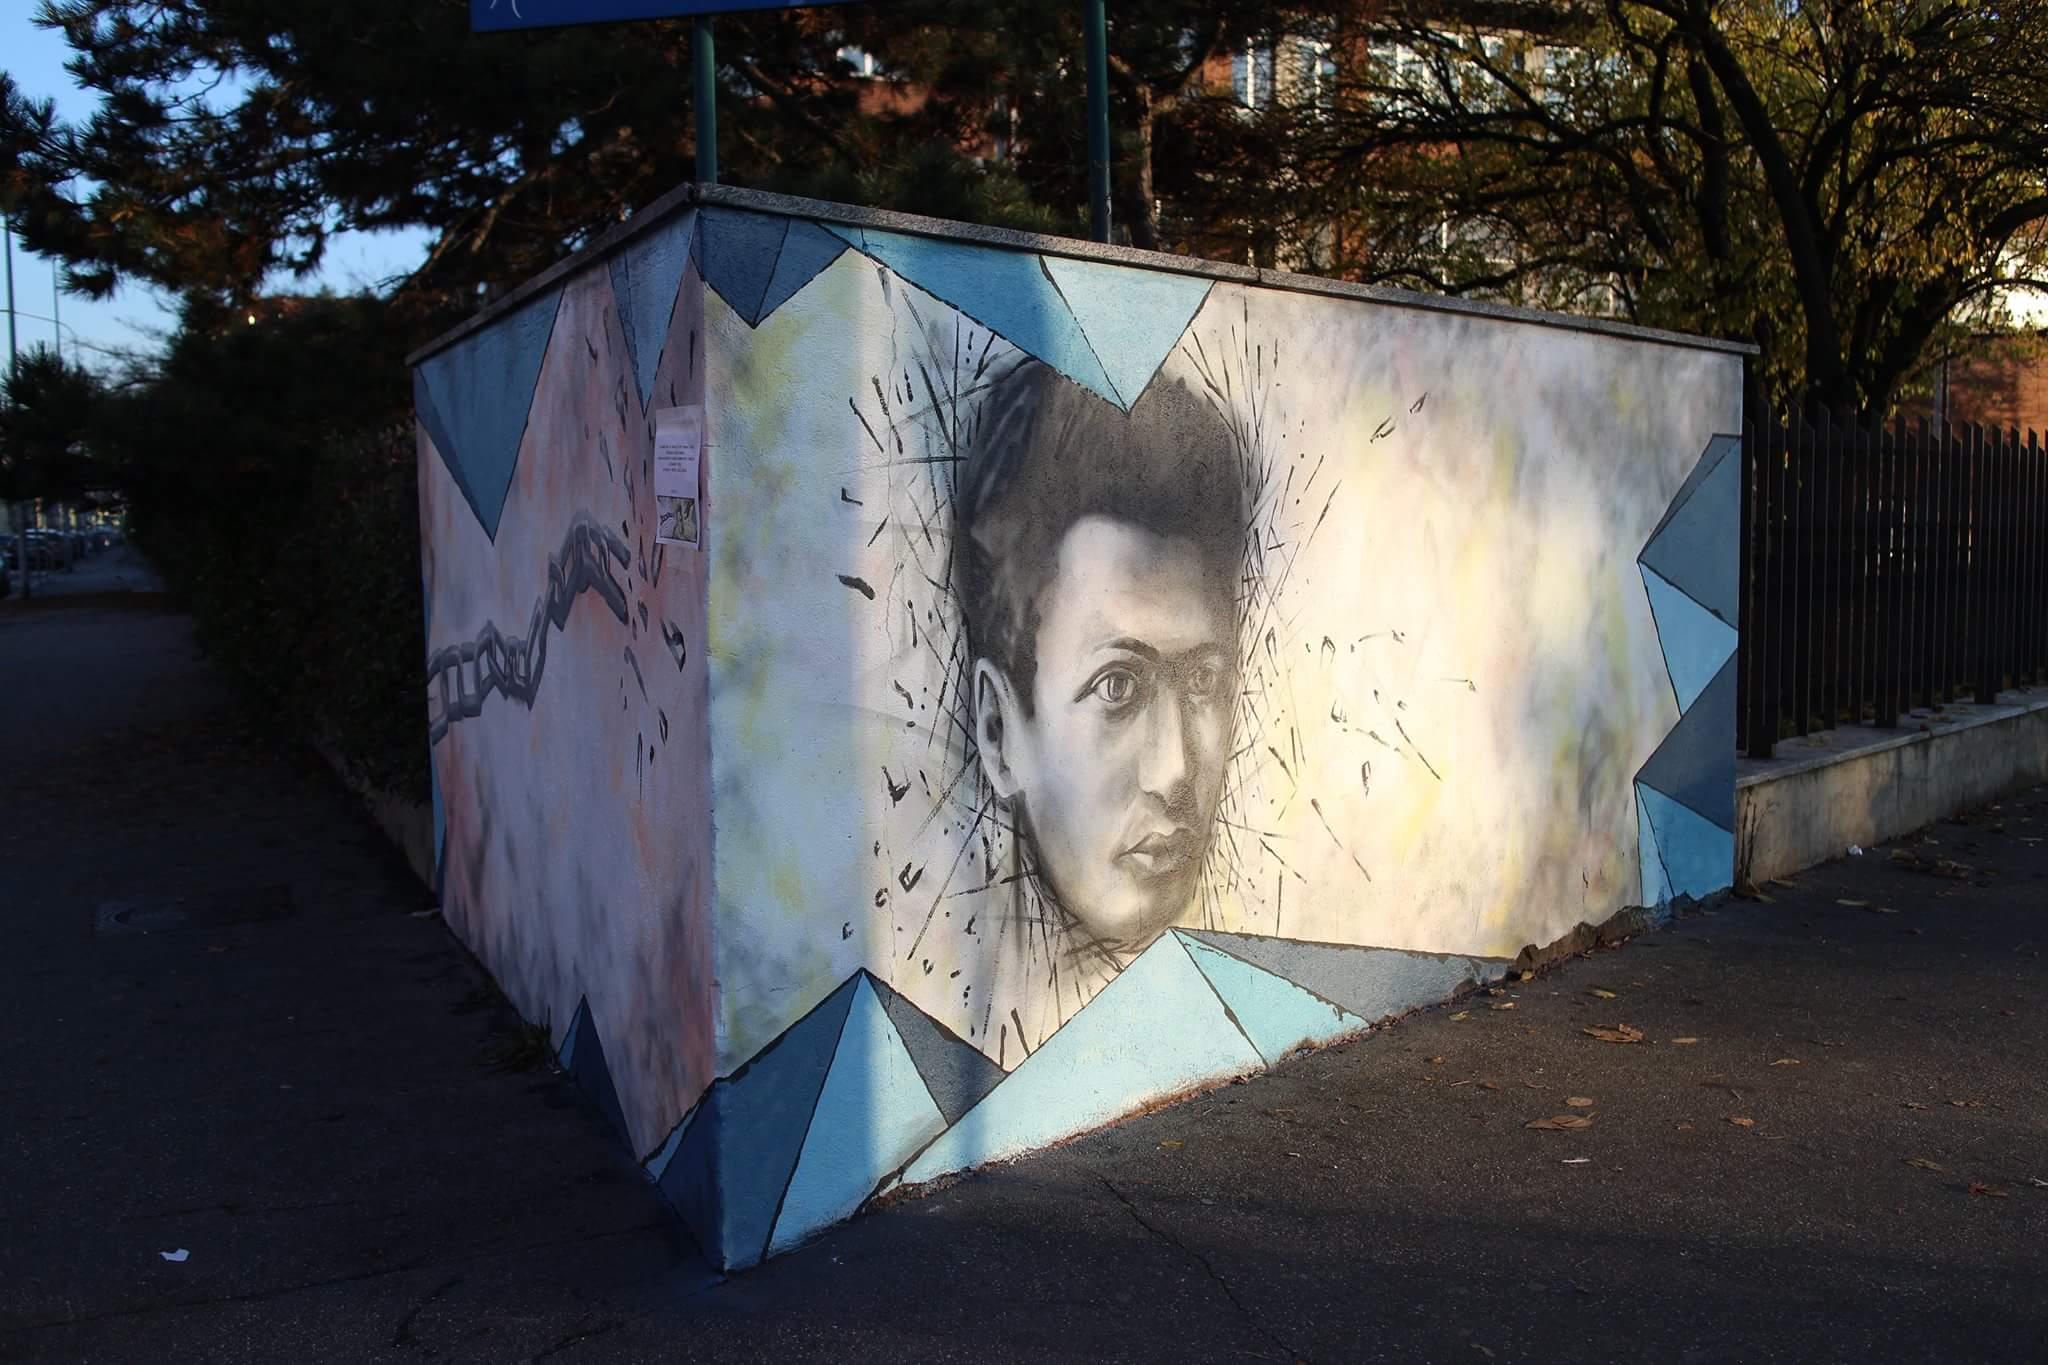 Il volto di Emanuele Artom